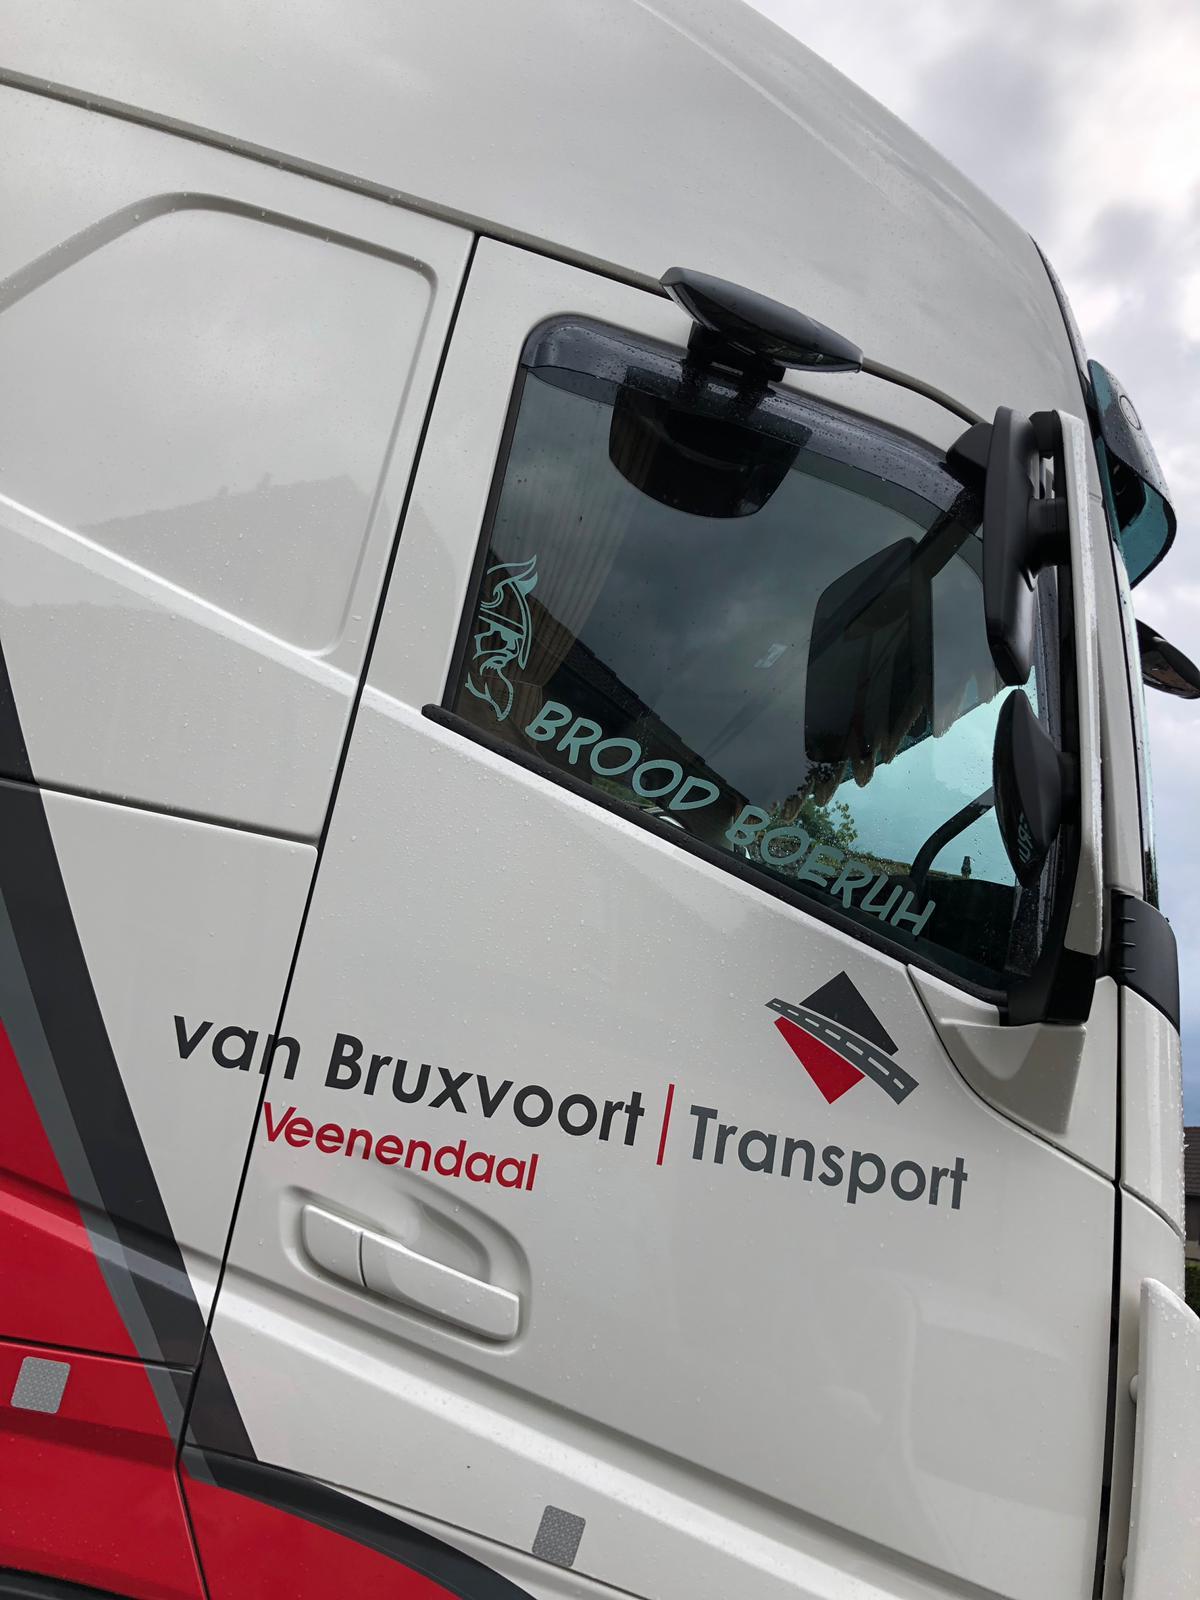 Van Bruxvoort